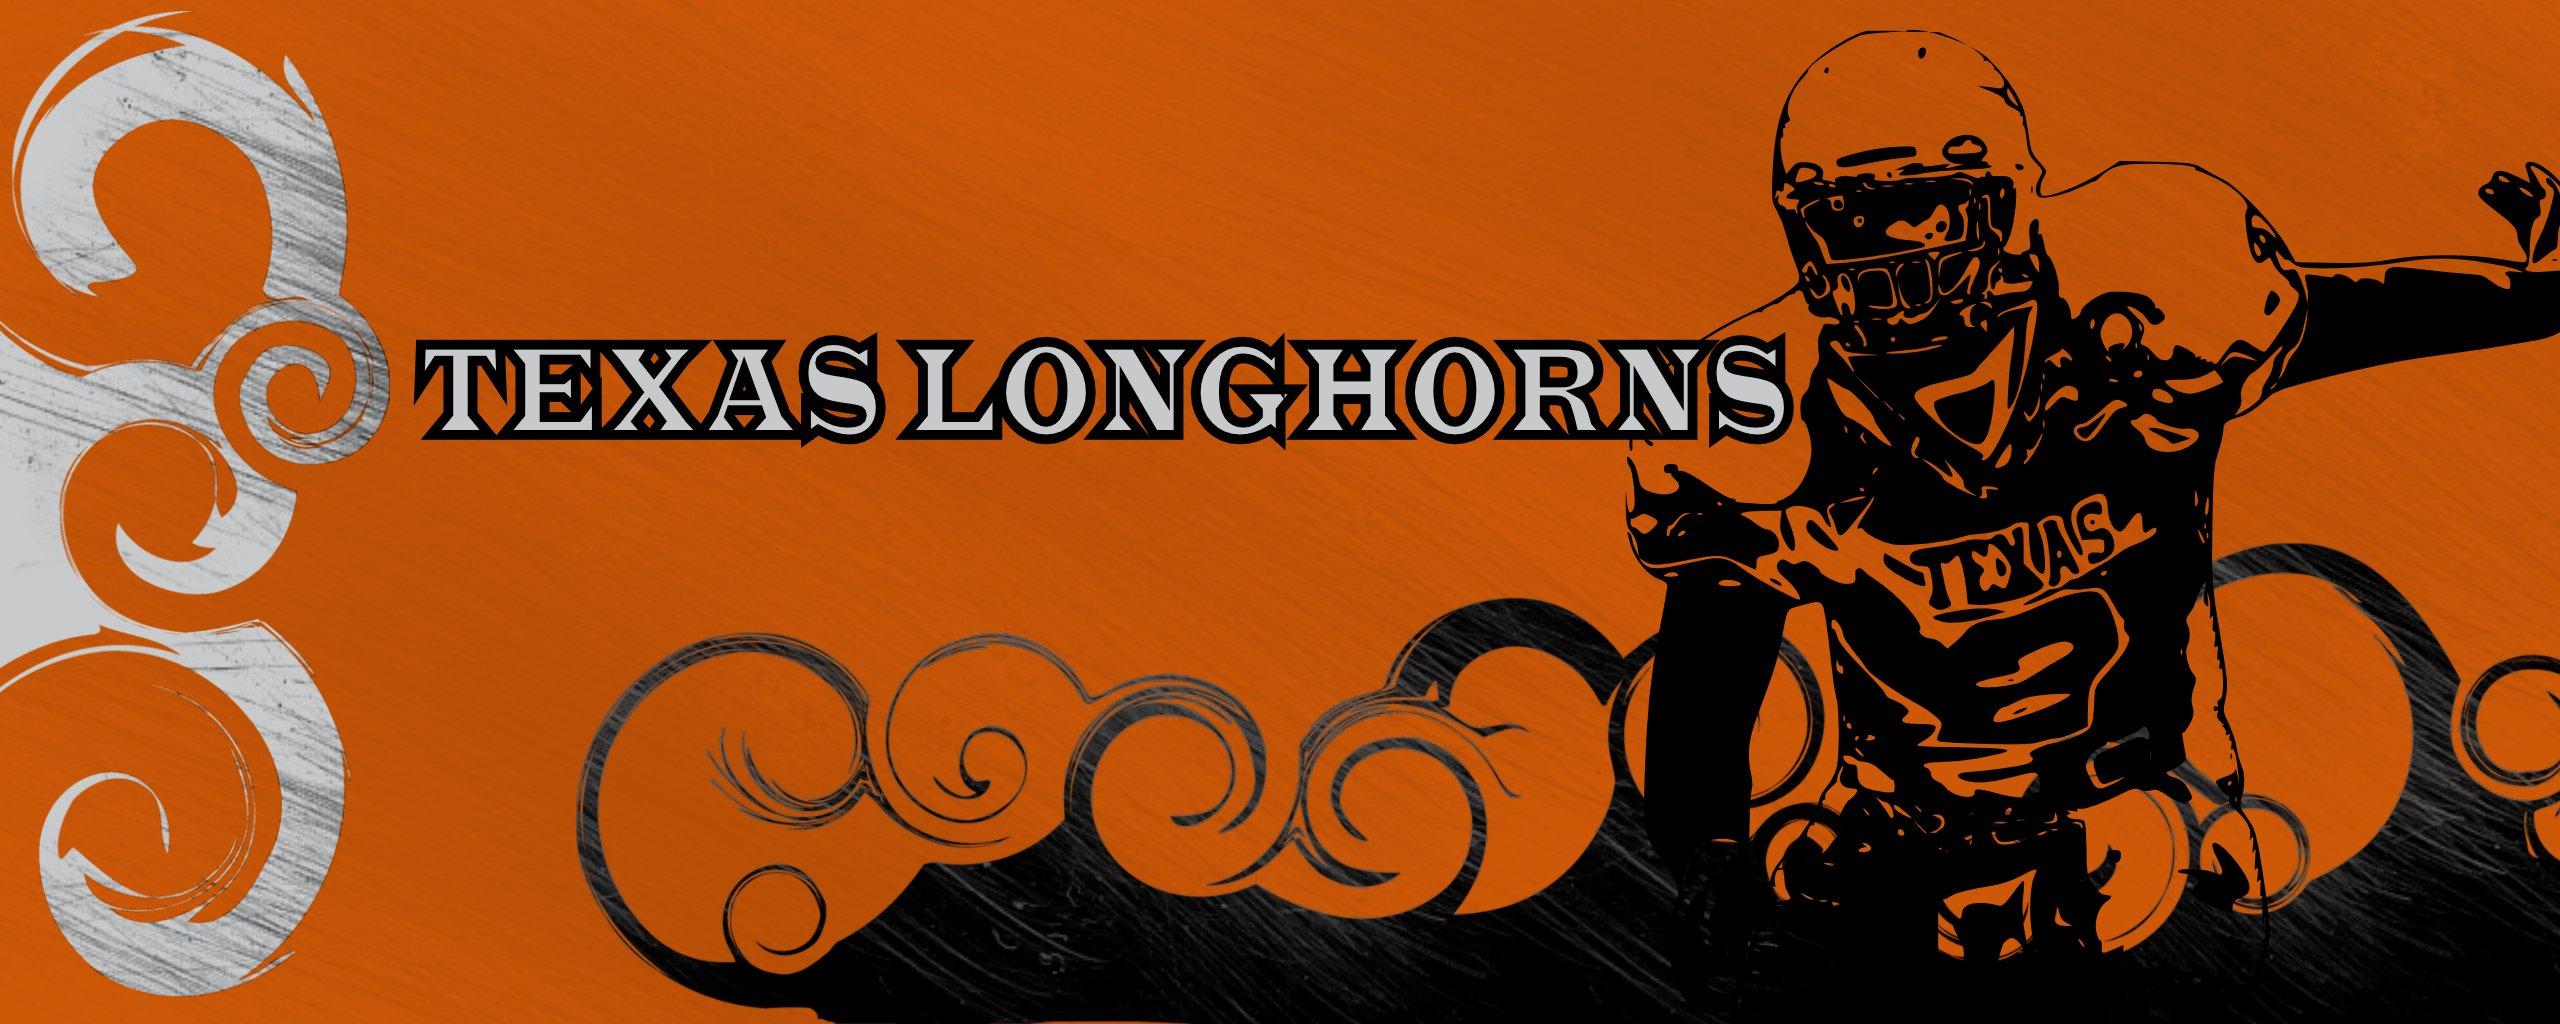 Texas Longhorns Wallpaper by thunderbird bln 2560x1024